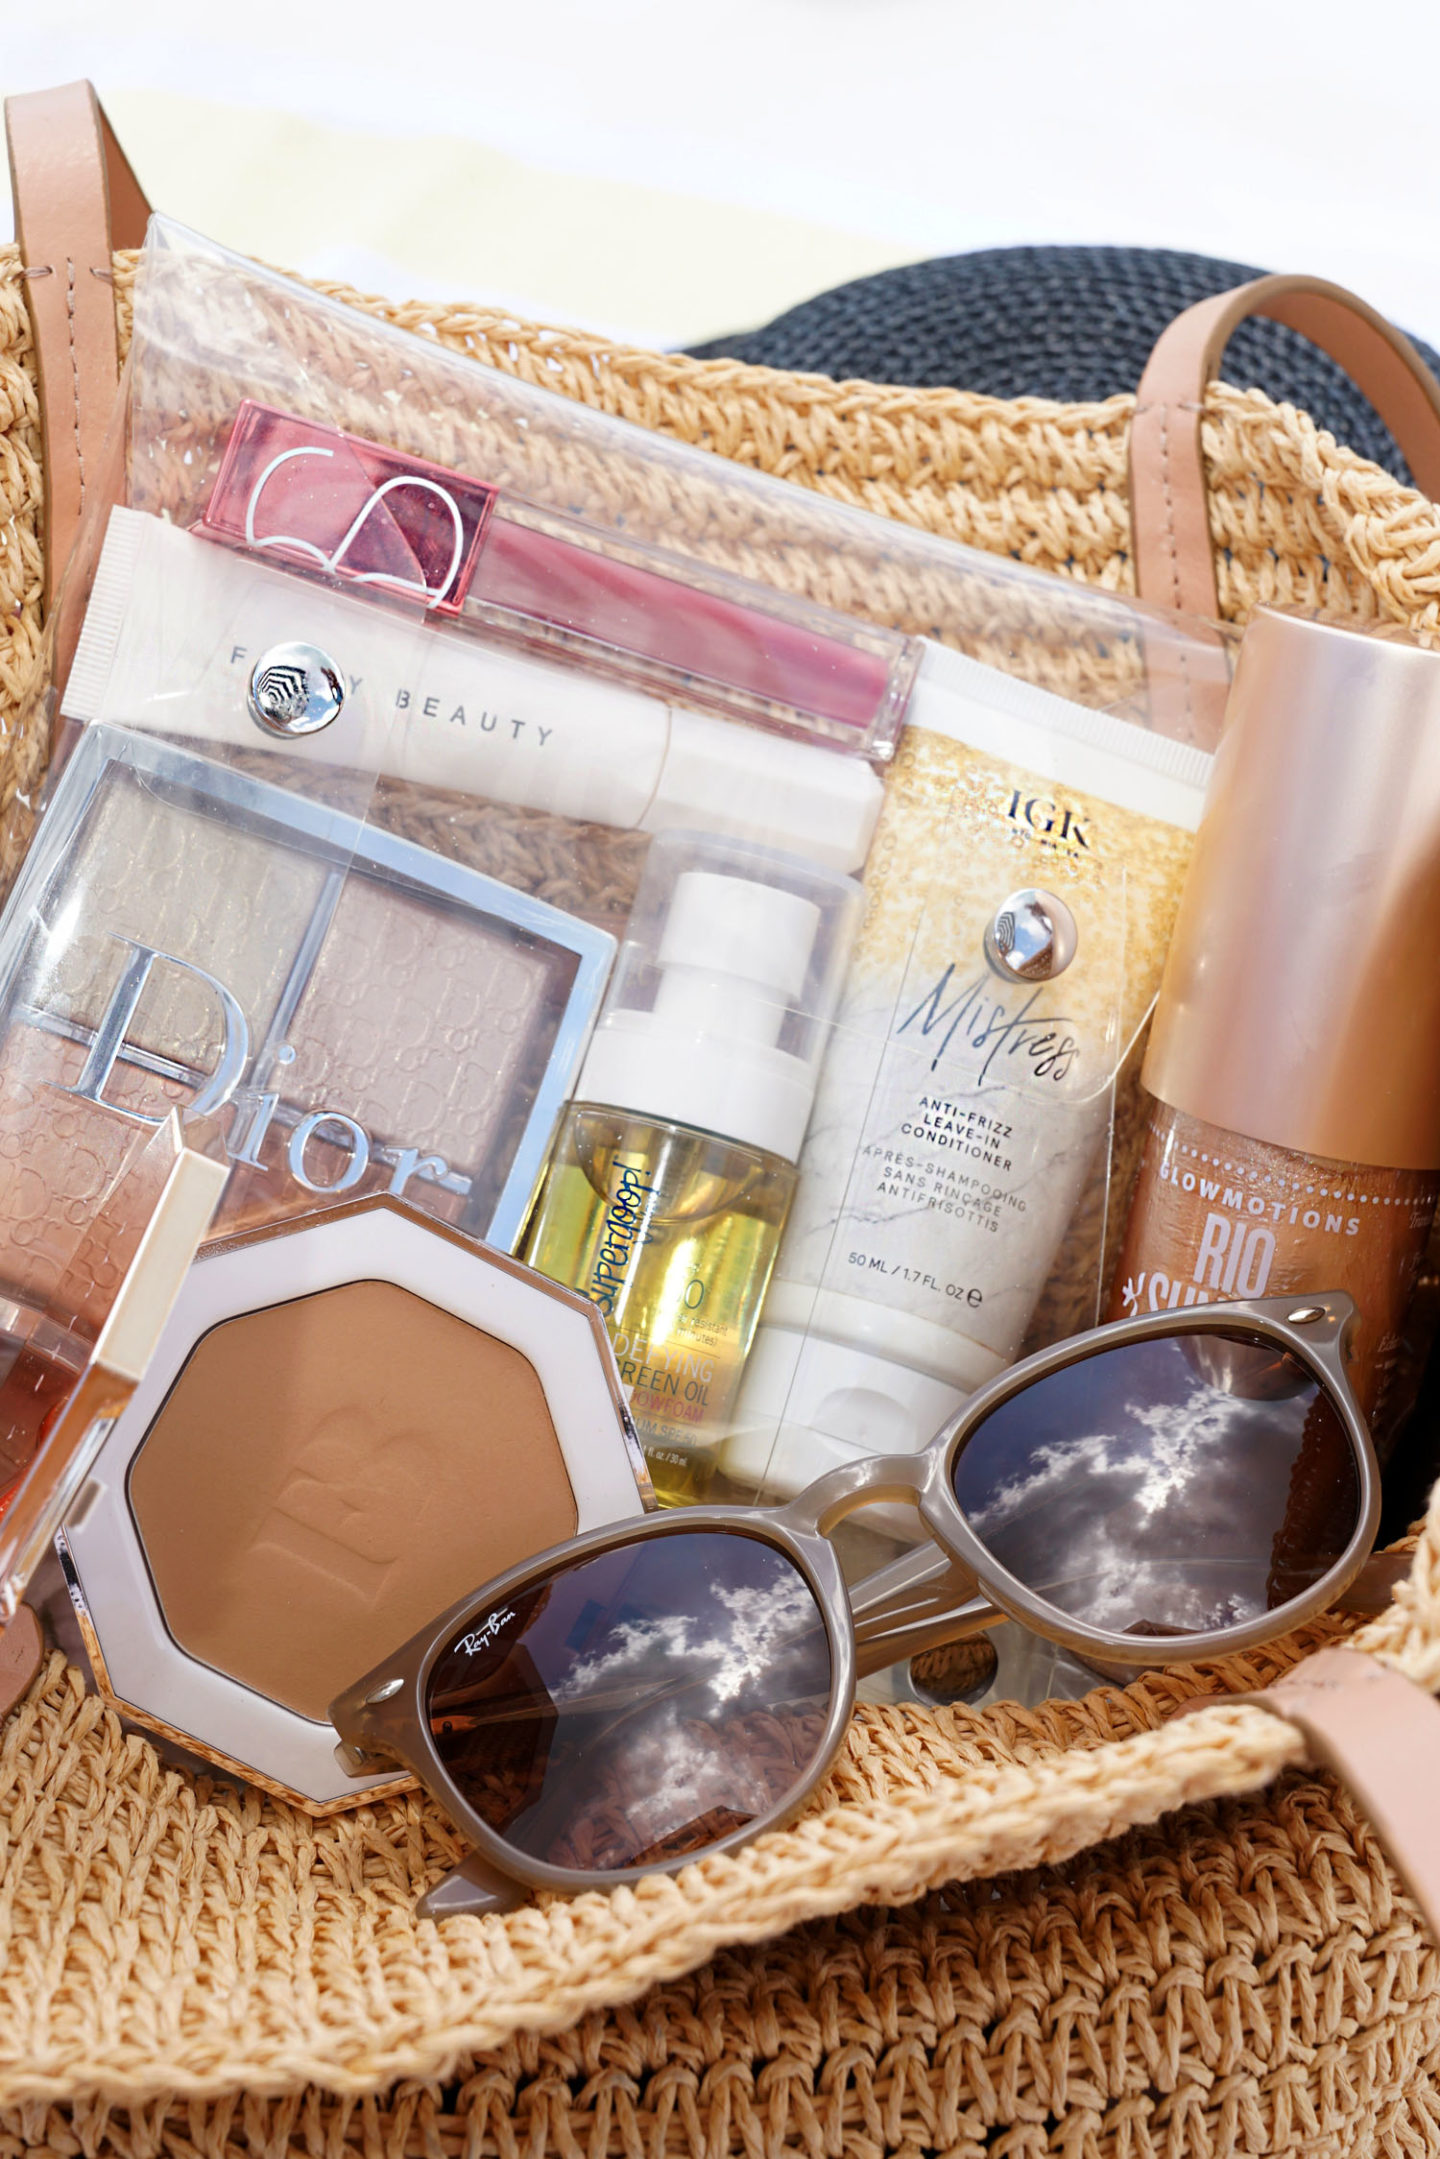 Summer Beauty Favourites Sephora | Le look book beauté